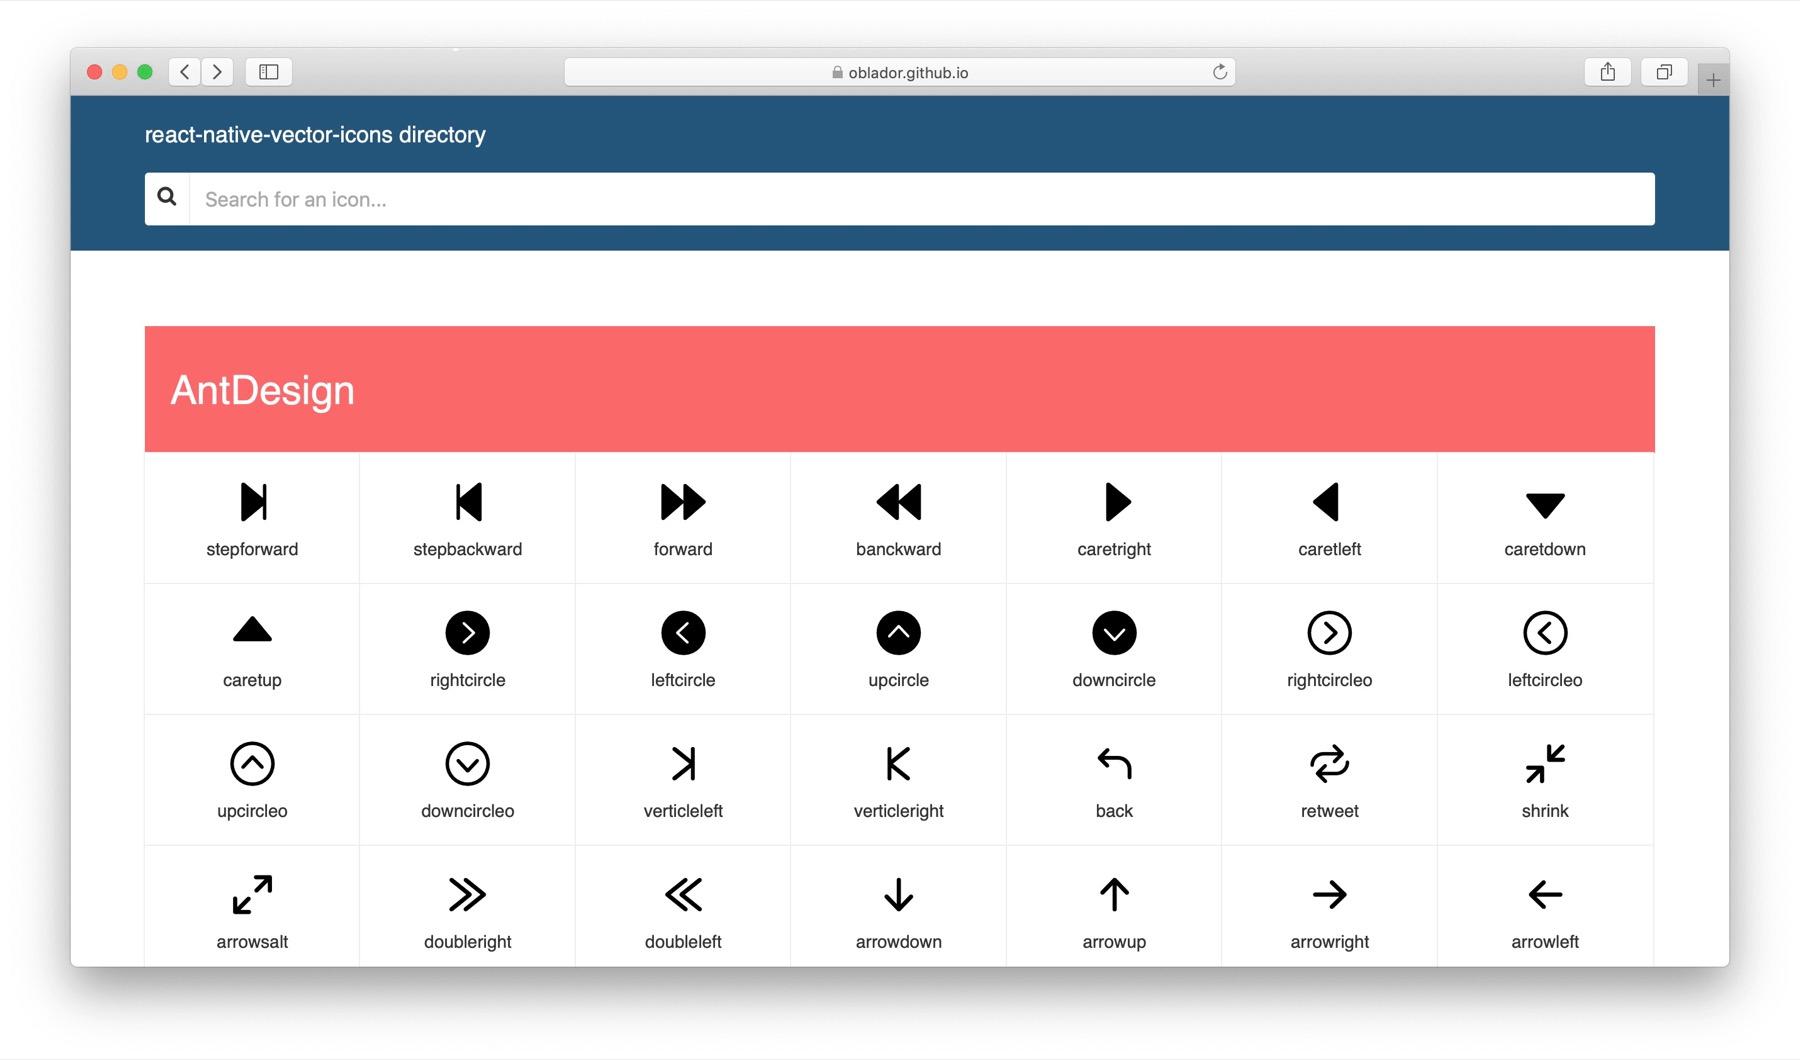 react-native-vector-icons